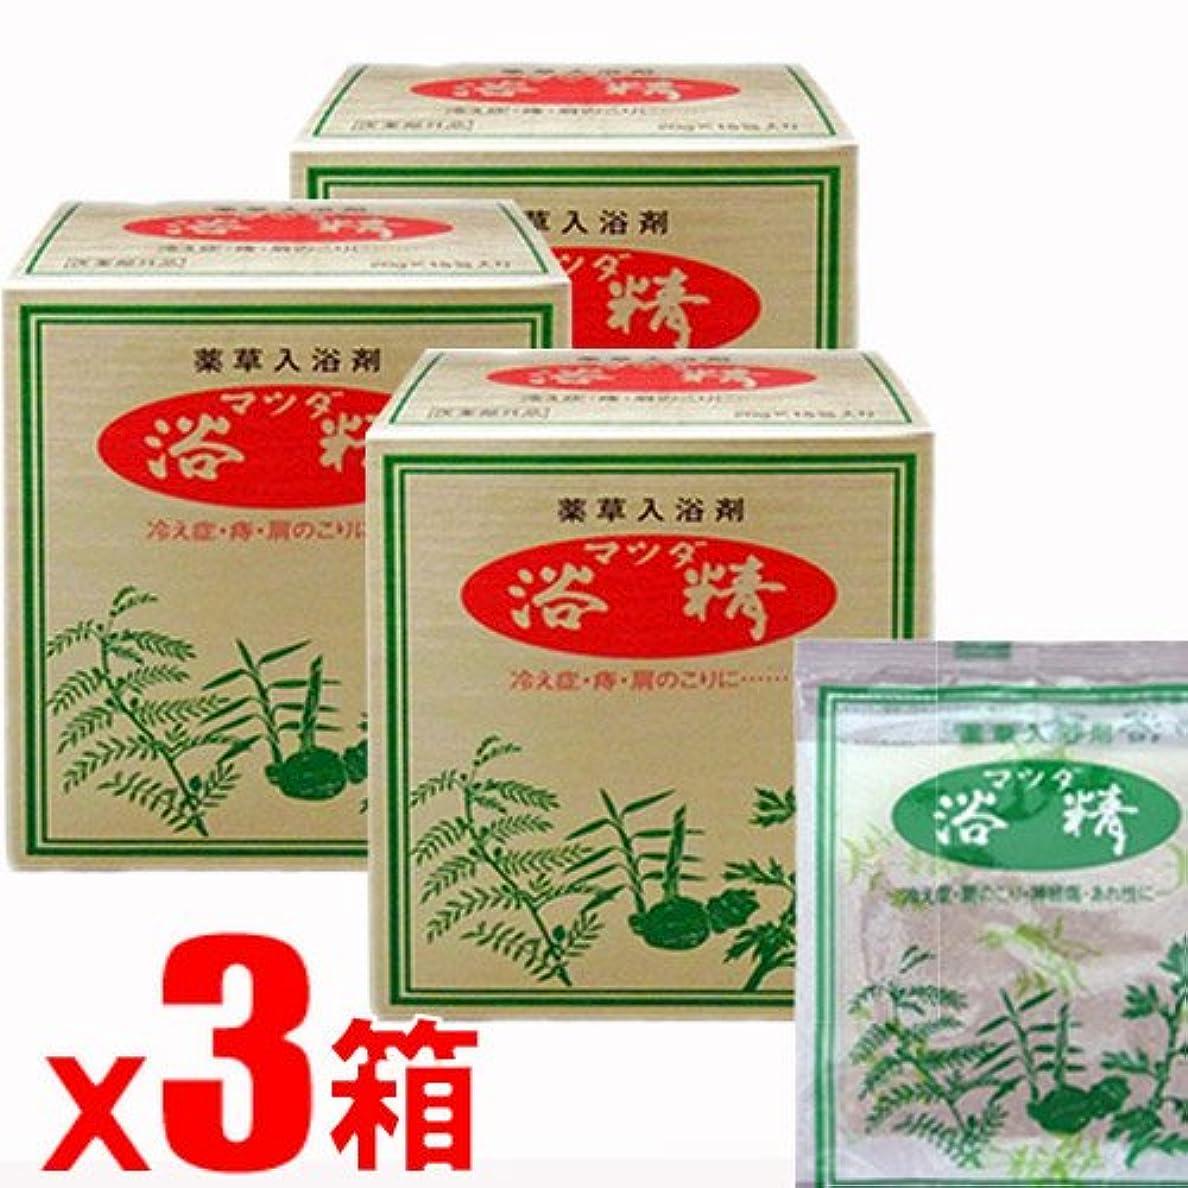 【3箱】薬草入浴剤 マツダ浴精 20g×15包x3箱(4962461435165-3)